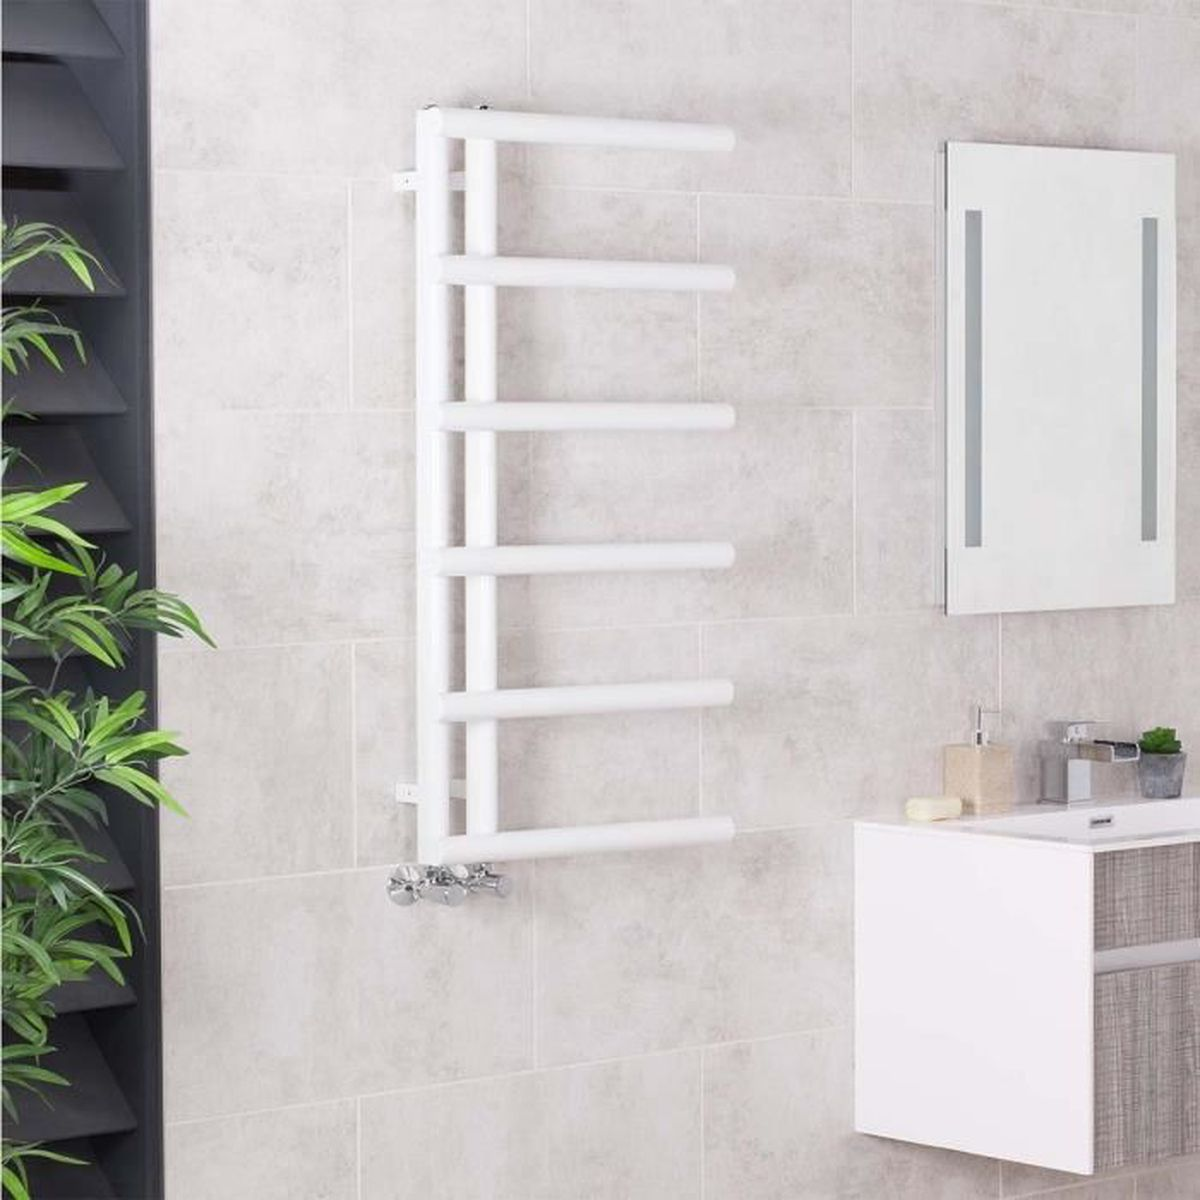 seche serviette eau chaude. Black Bedroom Furniture Sets. Home Design Ideas